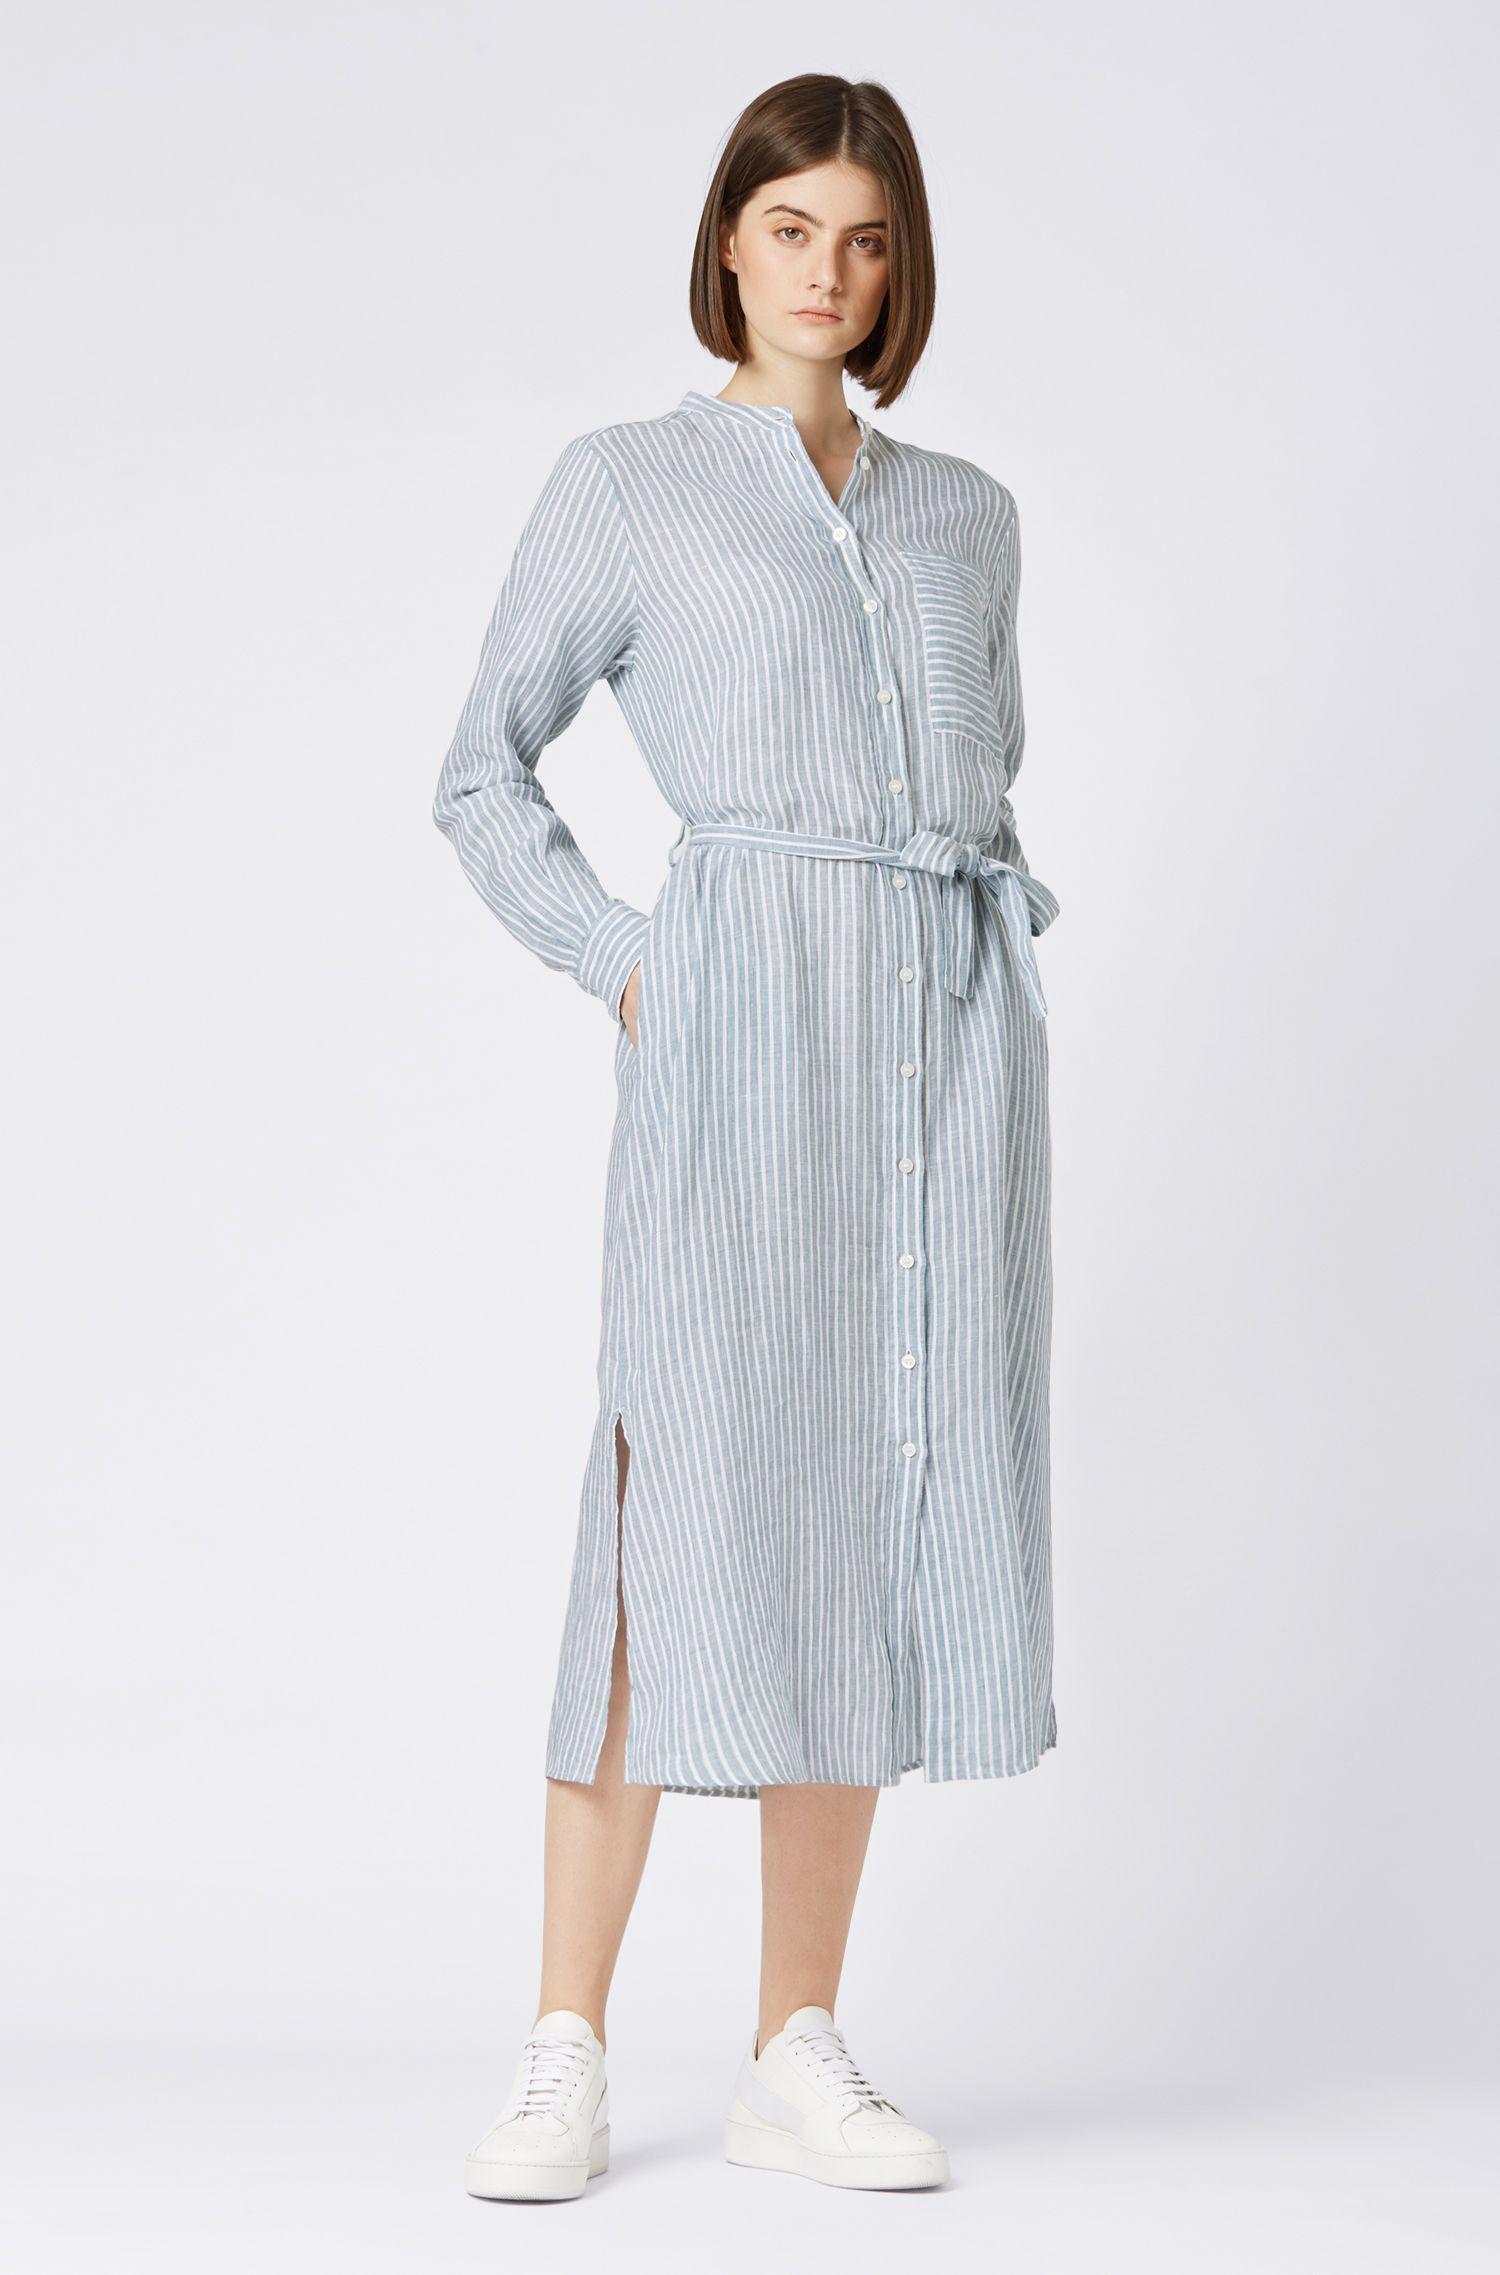 Blouse in tuniekstijl, van zuiver linnen met verticale strepen, Blauw